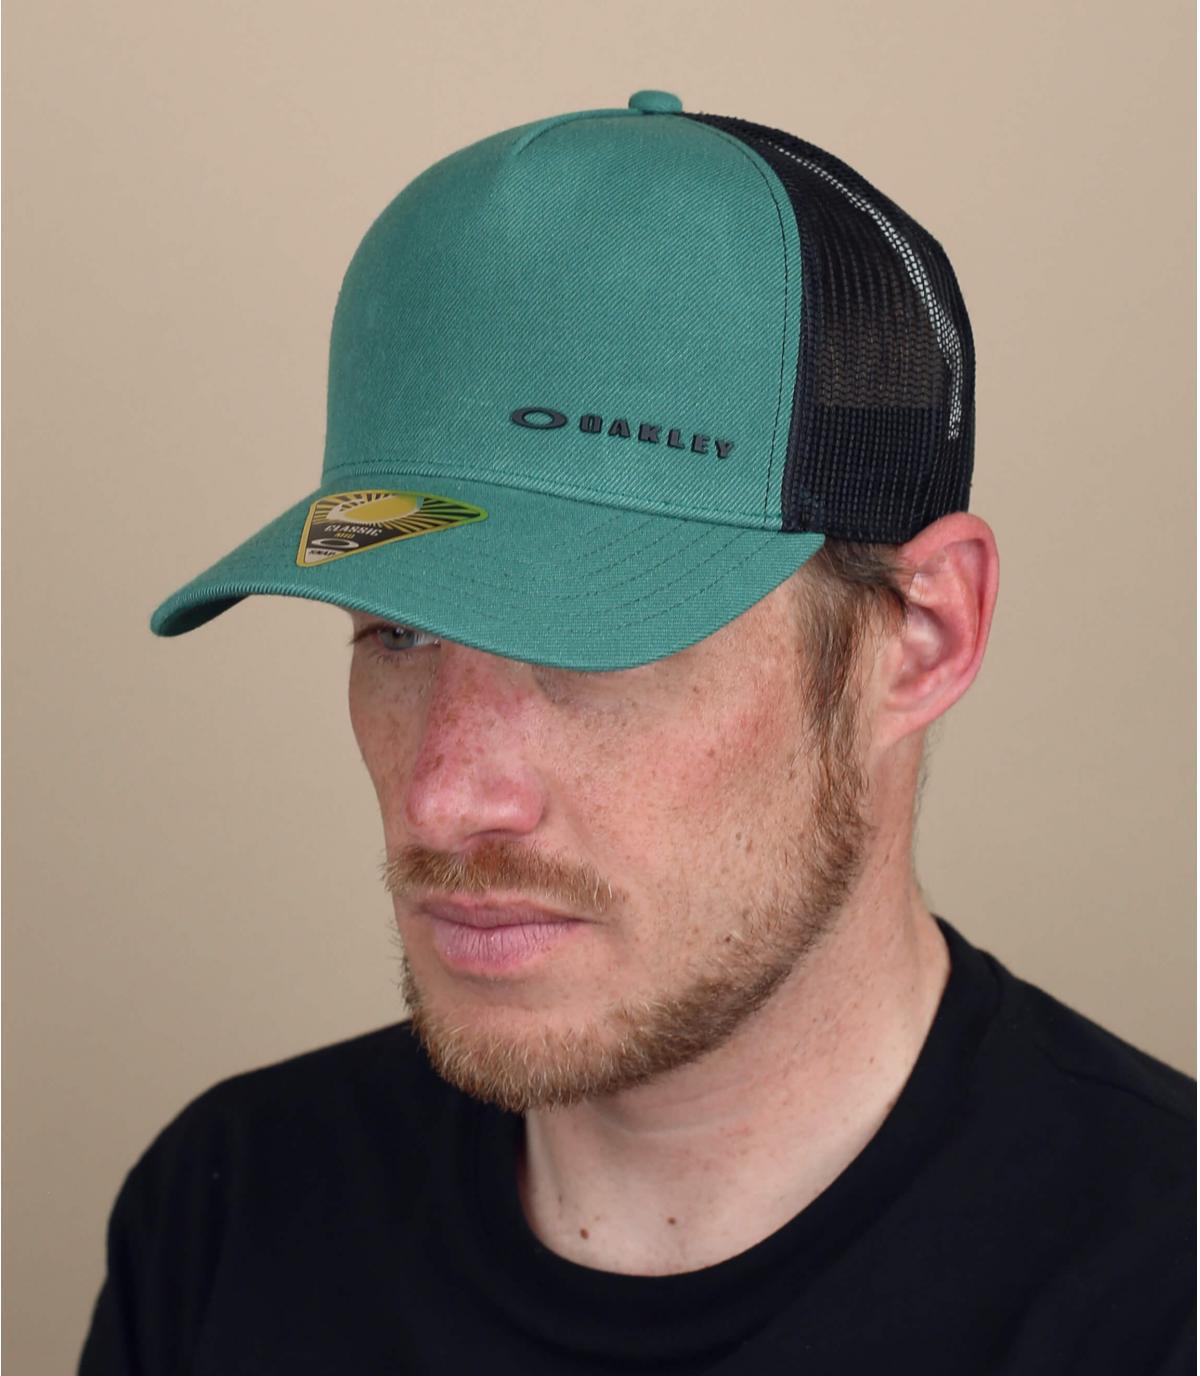 Gorra trucker Oakley verde